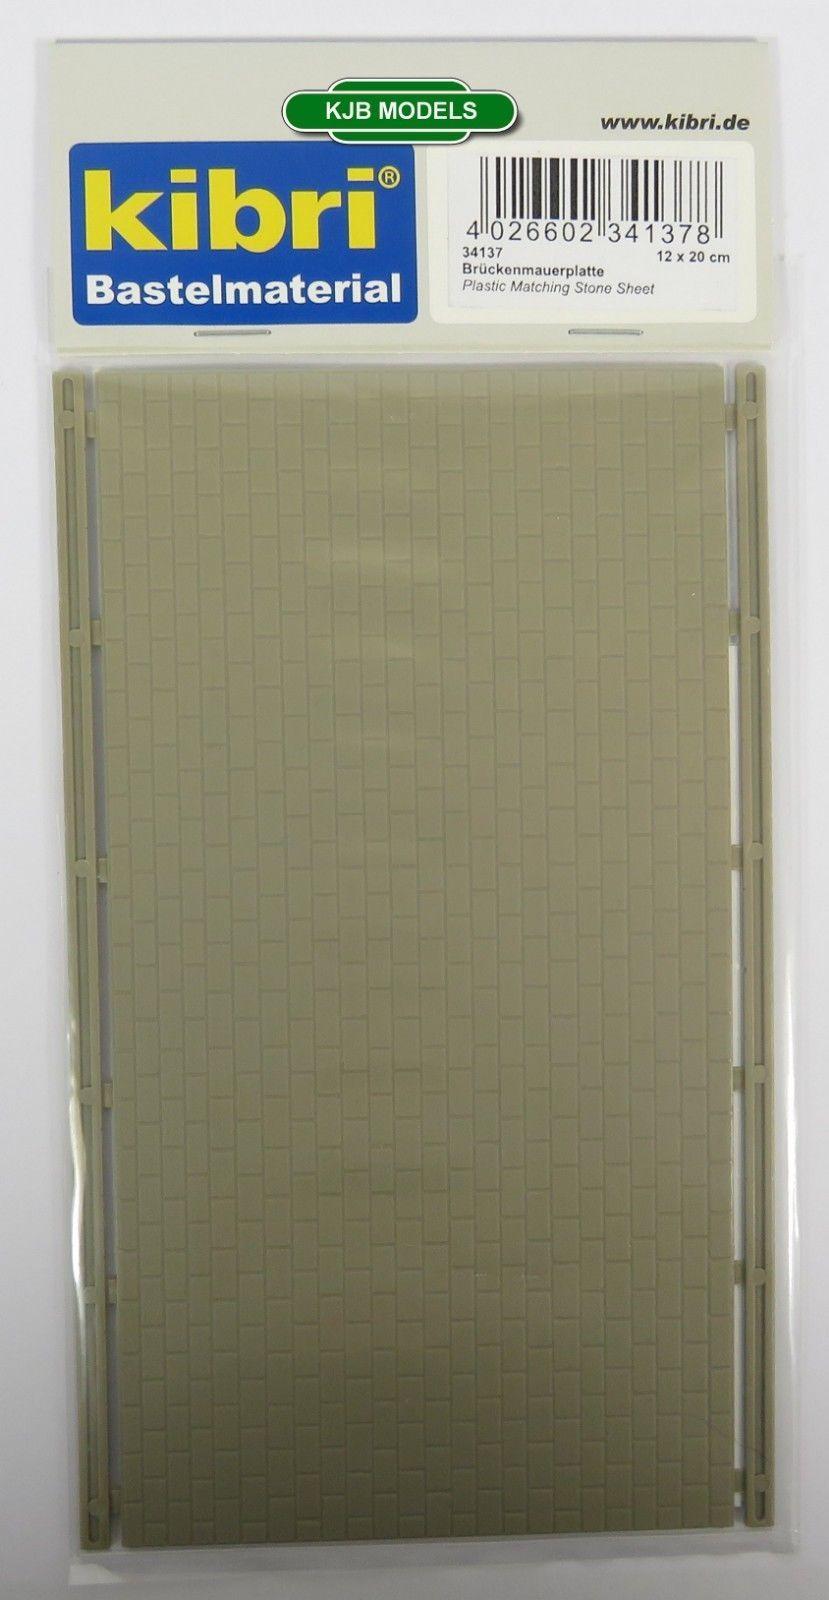 BRIDGE WALL PLATE PLASTIC SHEET BNIB OO HO GAUGE KIBRI 34145 RETAINING WALL